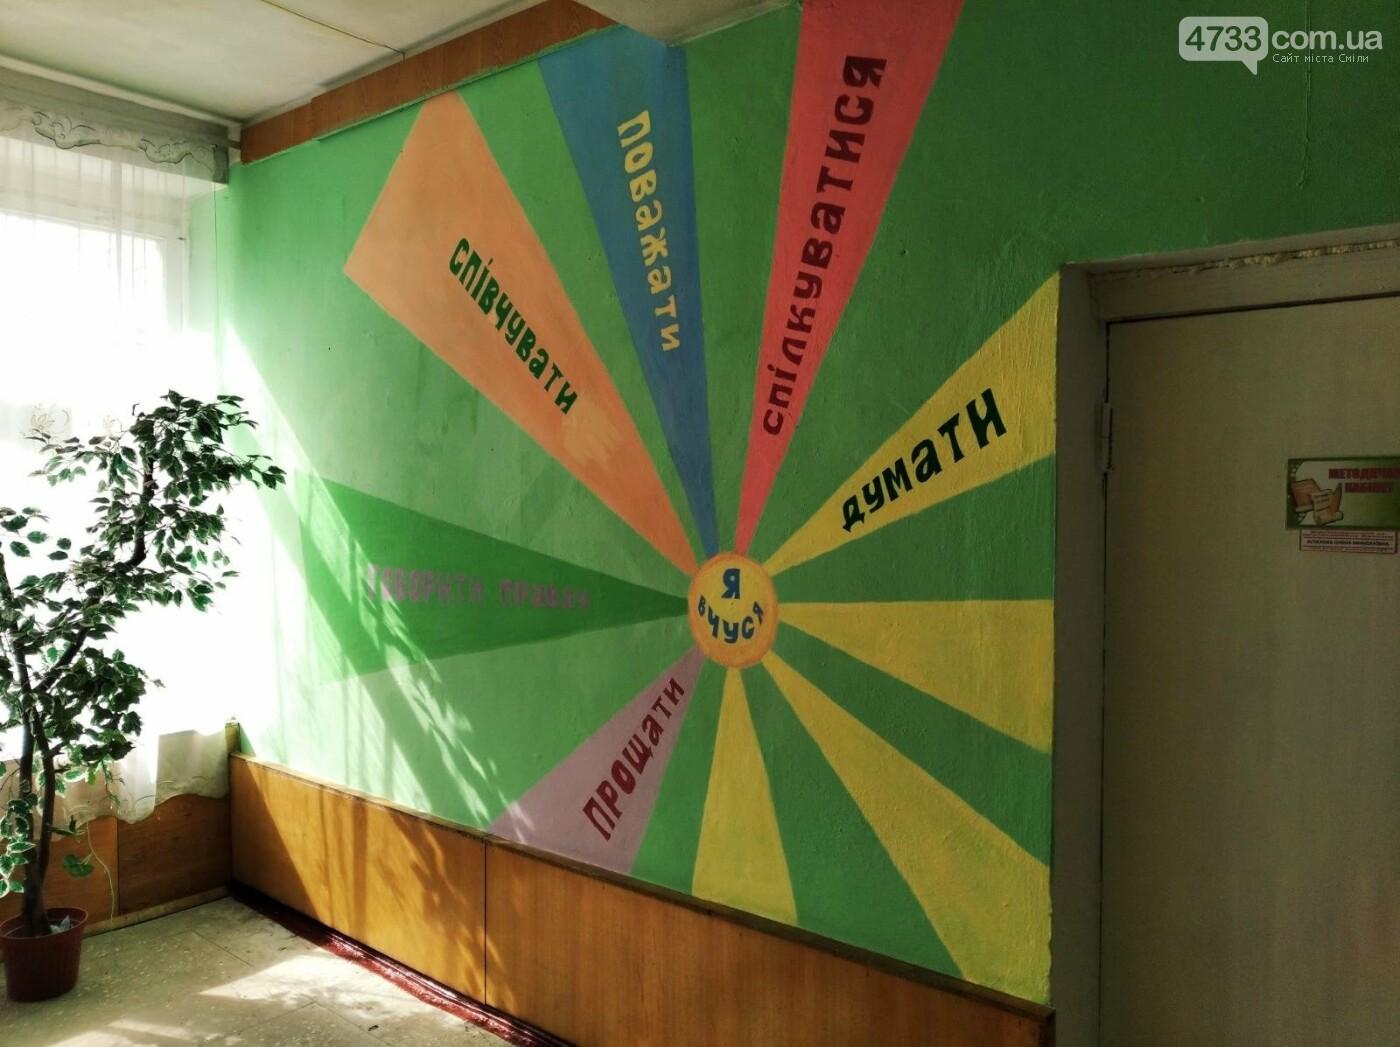 Ротмистрівська громада продовжує дбати про школярів, фото-3